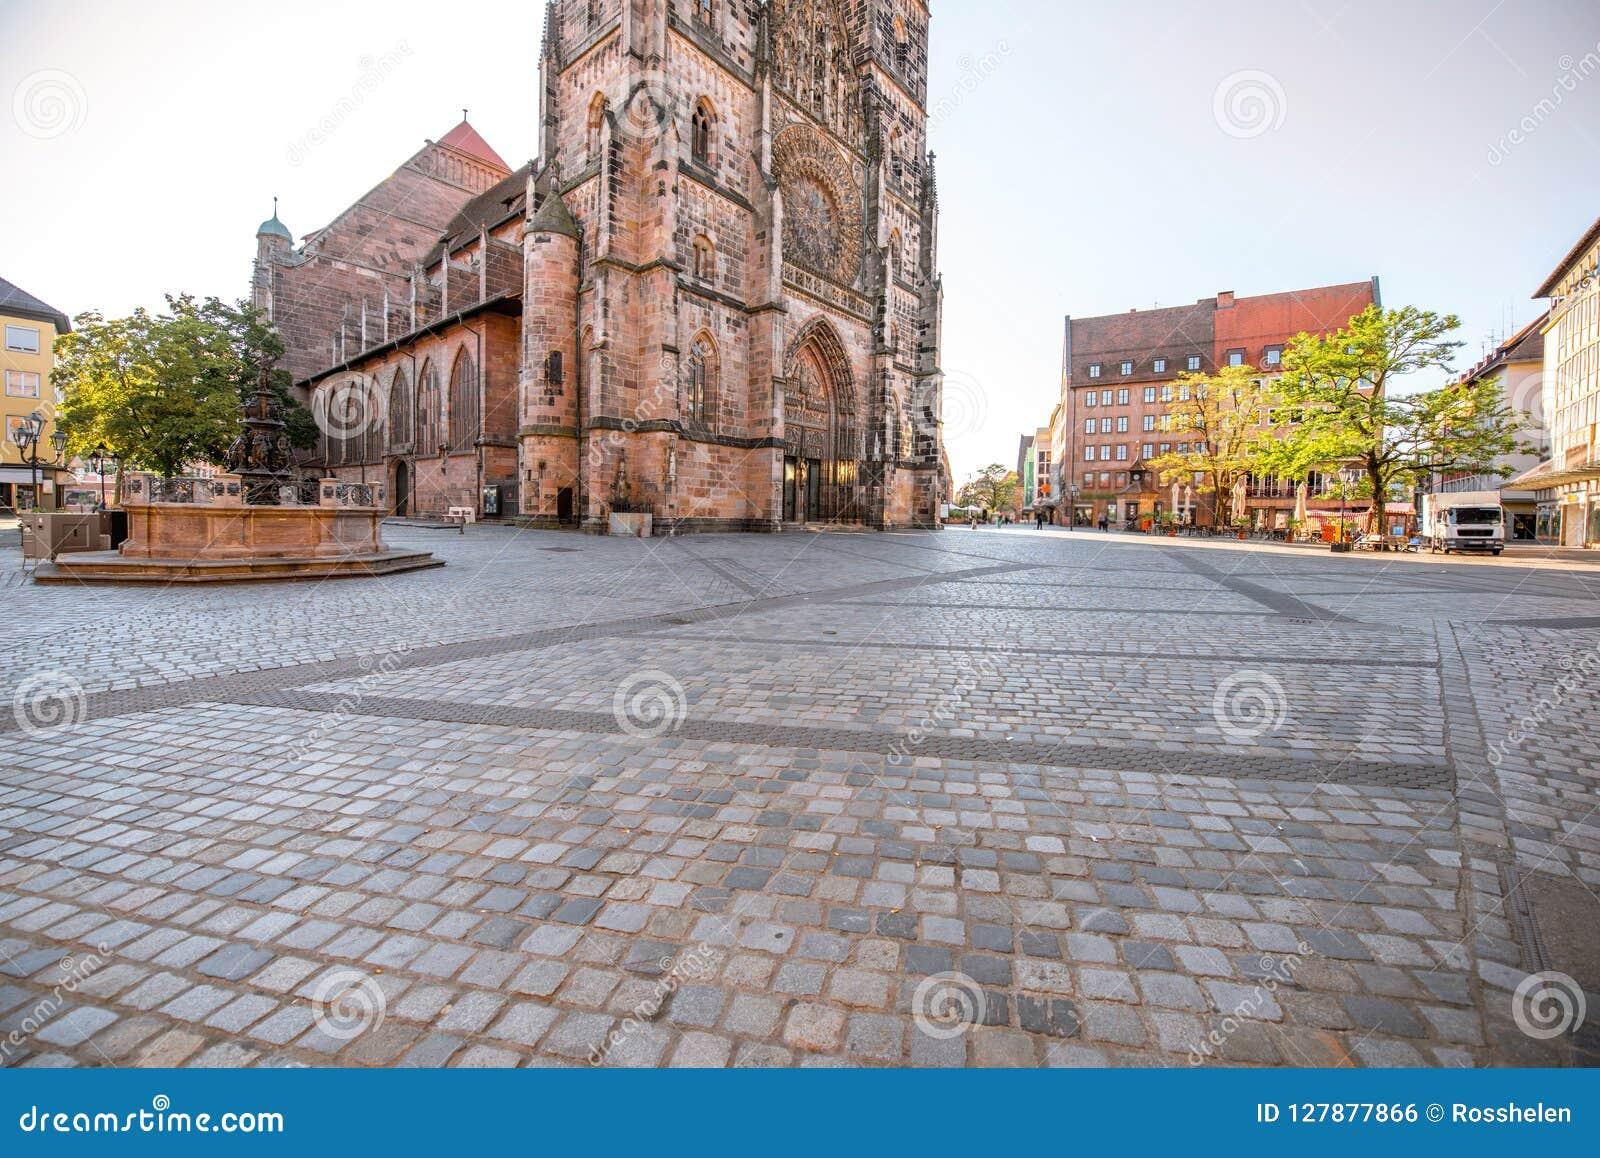 Catedral en Nurnberg, Alemania